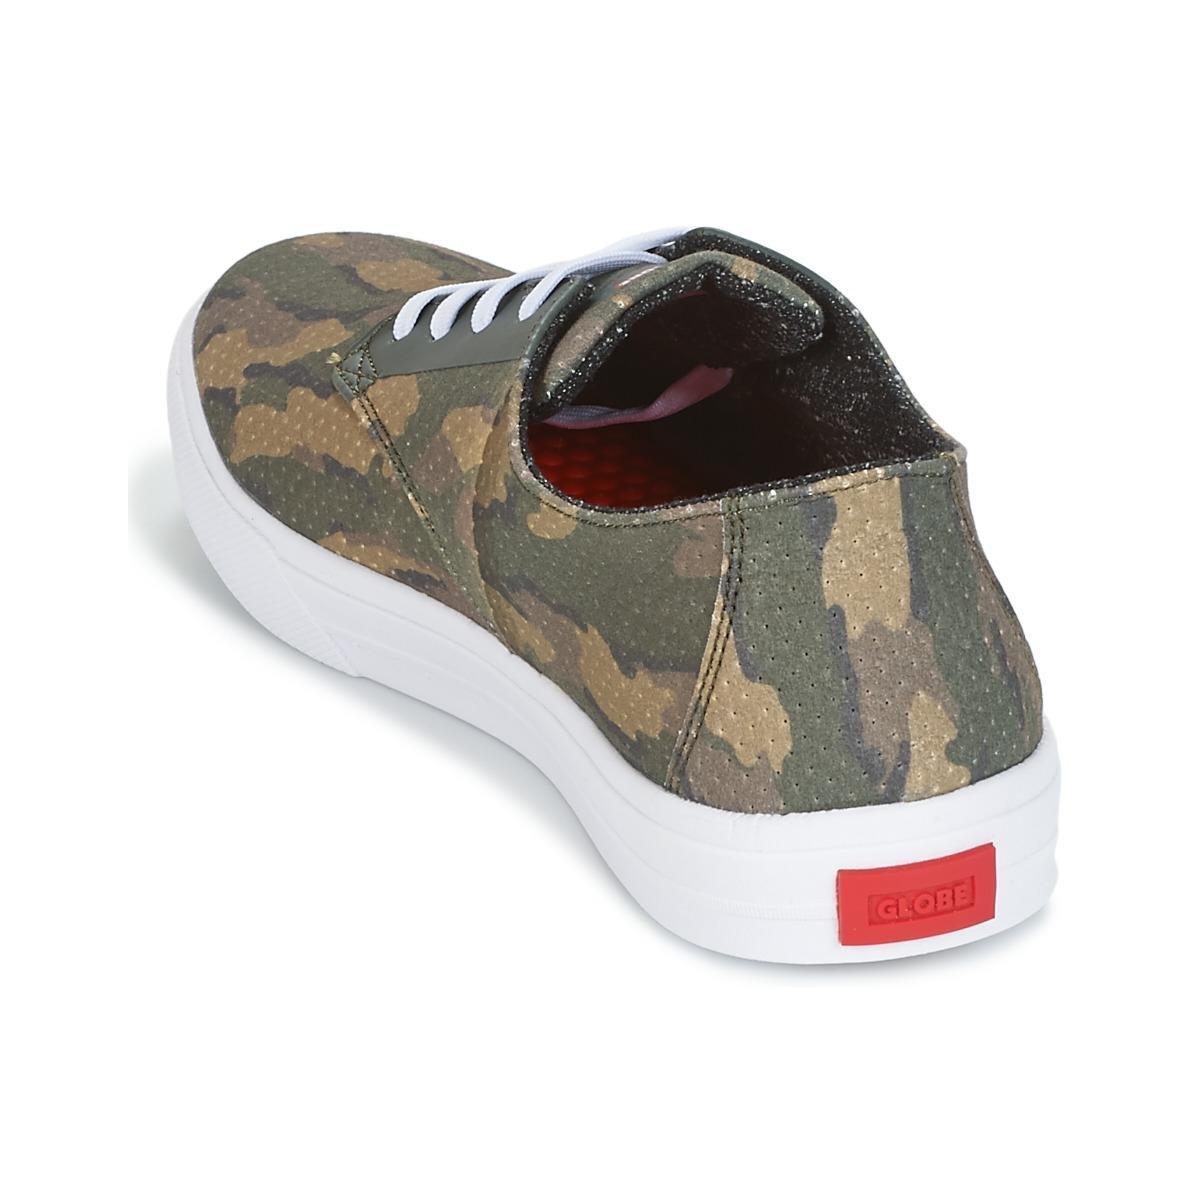 Globe Skateschoenen Motley Lyt in het Groen voor heren